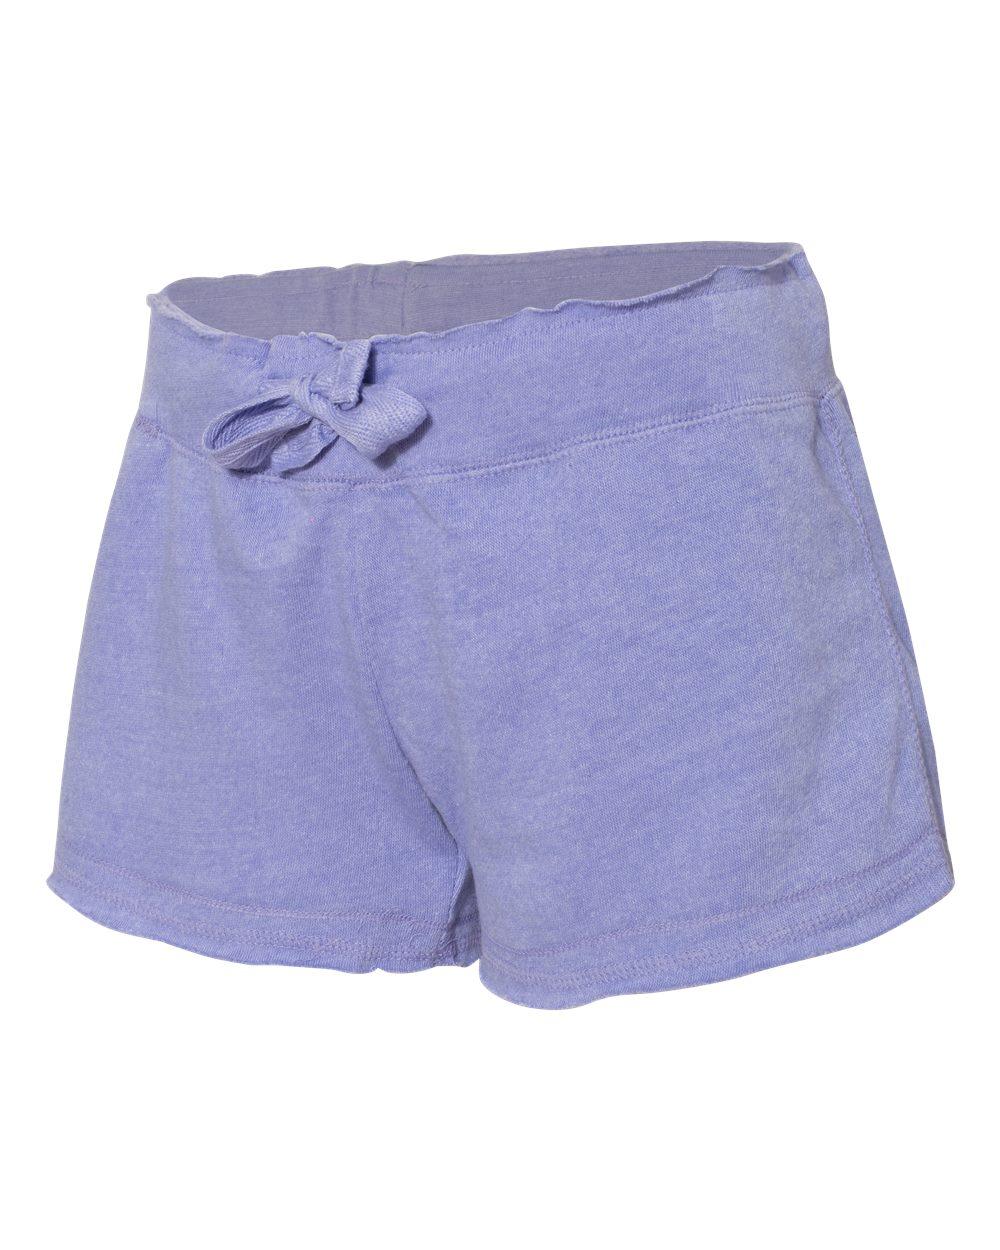 MV Sport W15107 - Women's Nassau Shorts